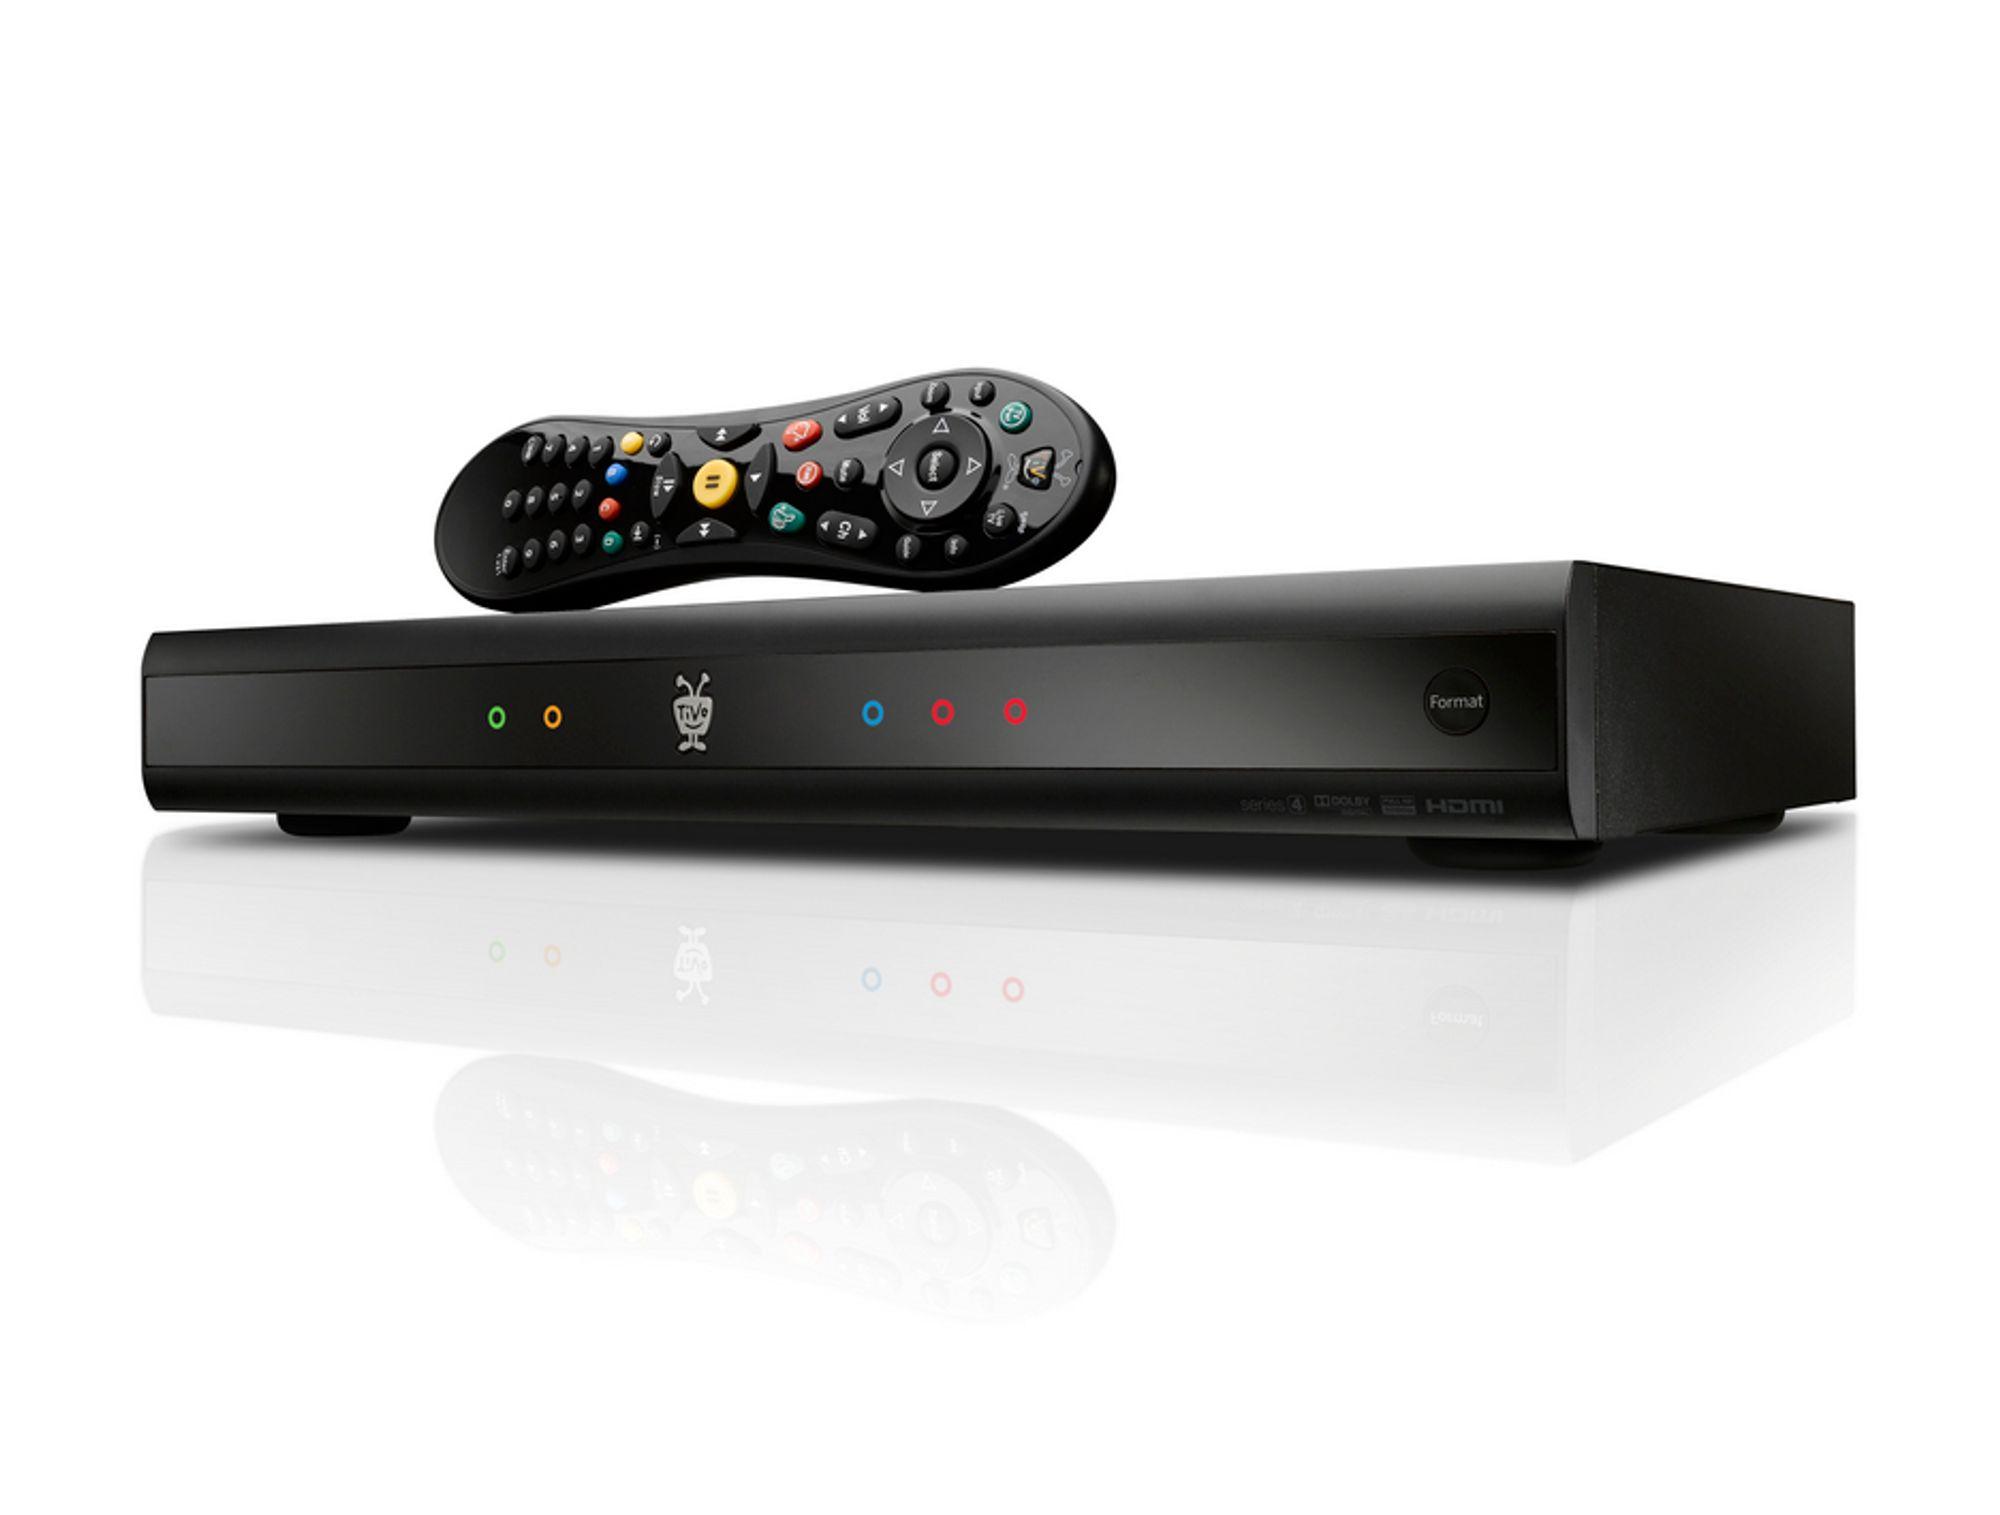 TiVo-dekoderne er både avanserte og brukervennlige. Nå finner de veien til Norge.